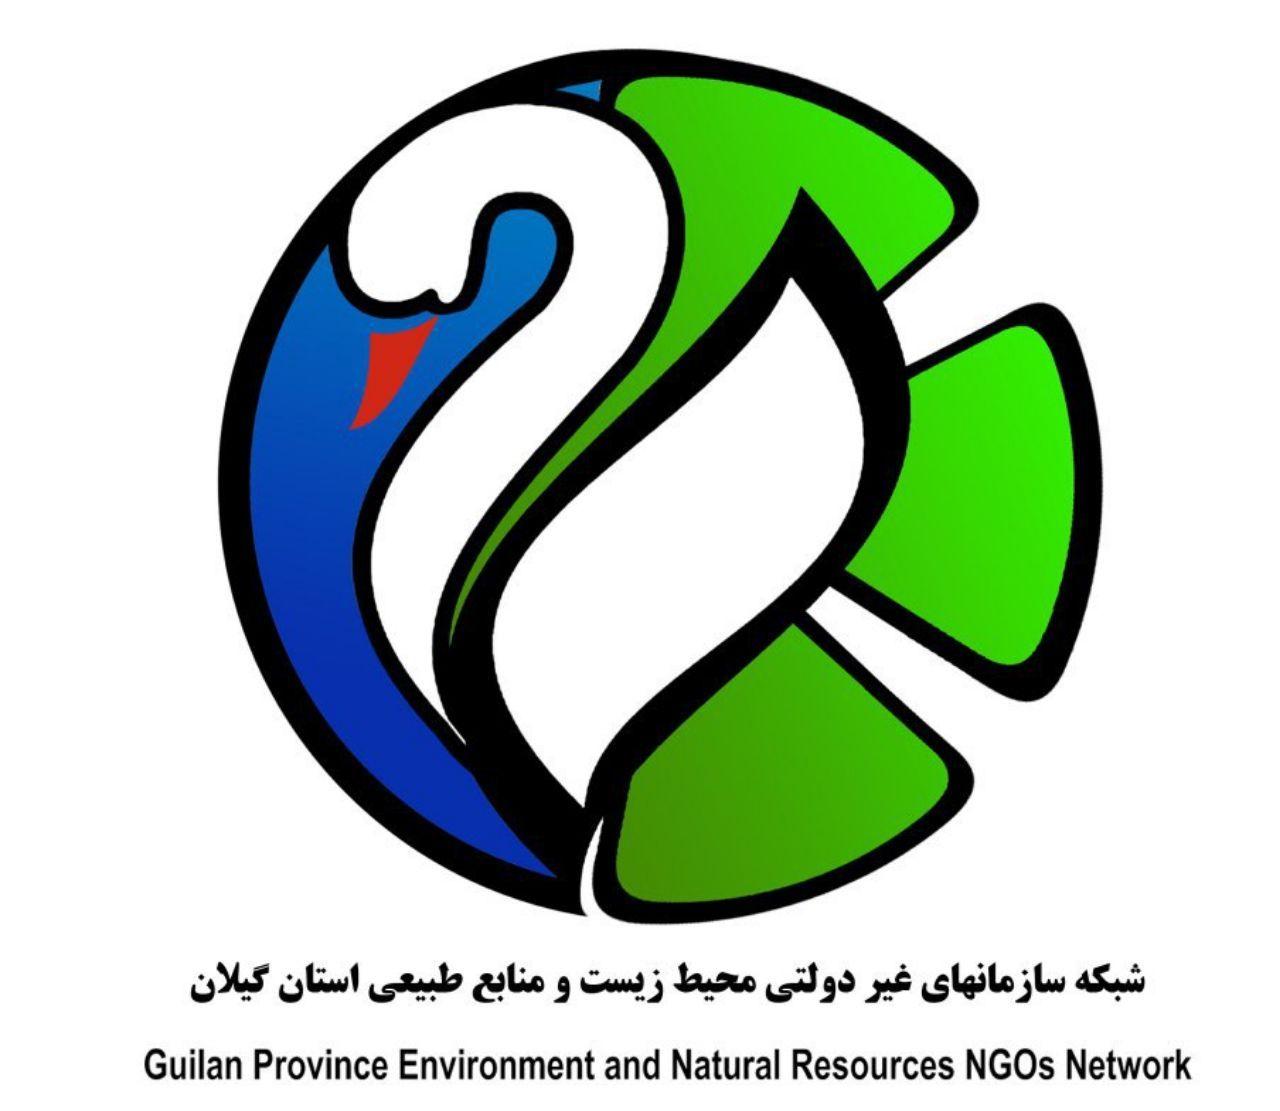 ✅ شبکه تشکل های غیردولتی محیط زیست و منابع طبیعی استان گیلان در پی شیوع ویروس کرونا Covid-19 در نامه ای به استاندار گیلان خواستار شد.